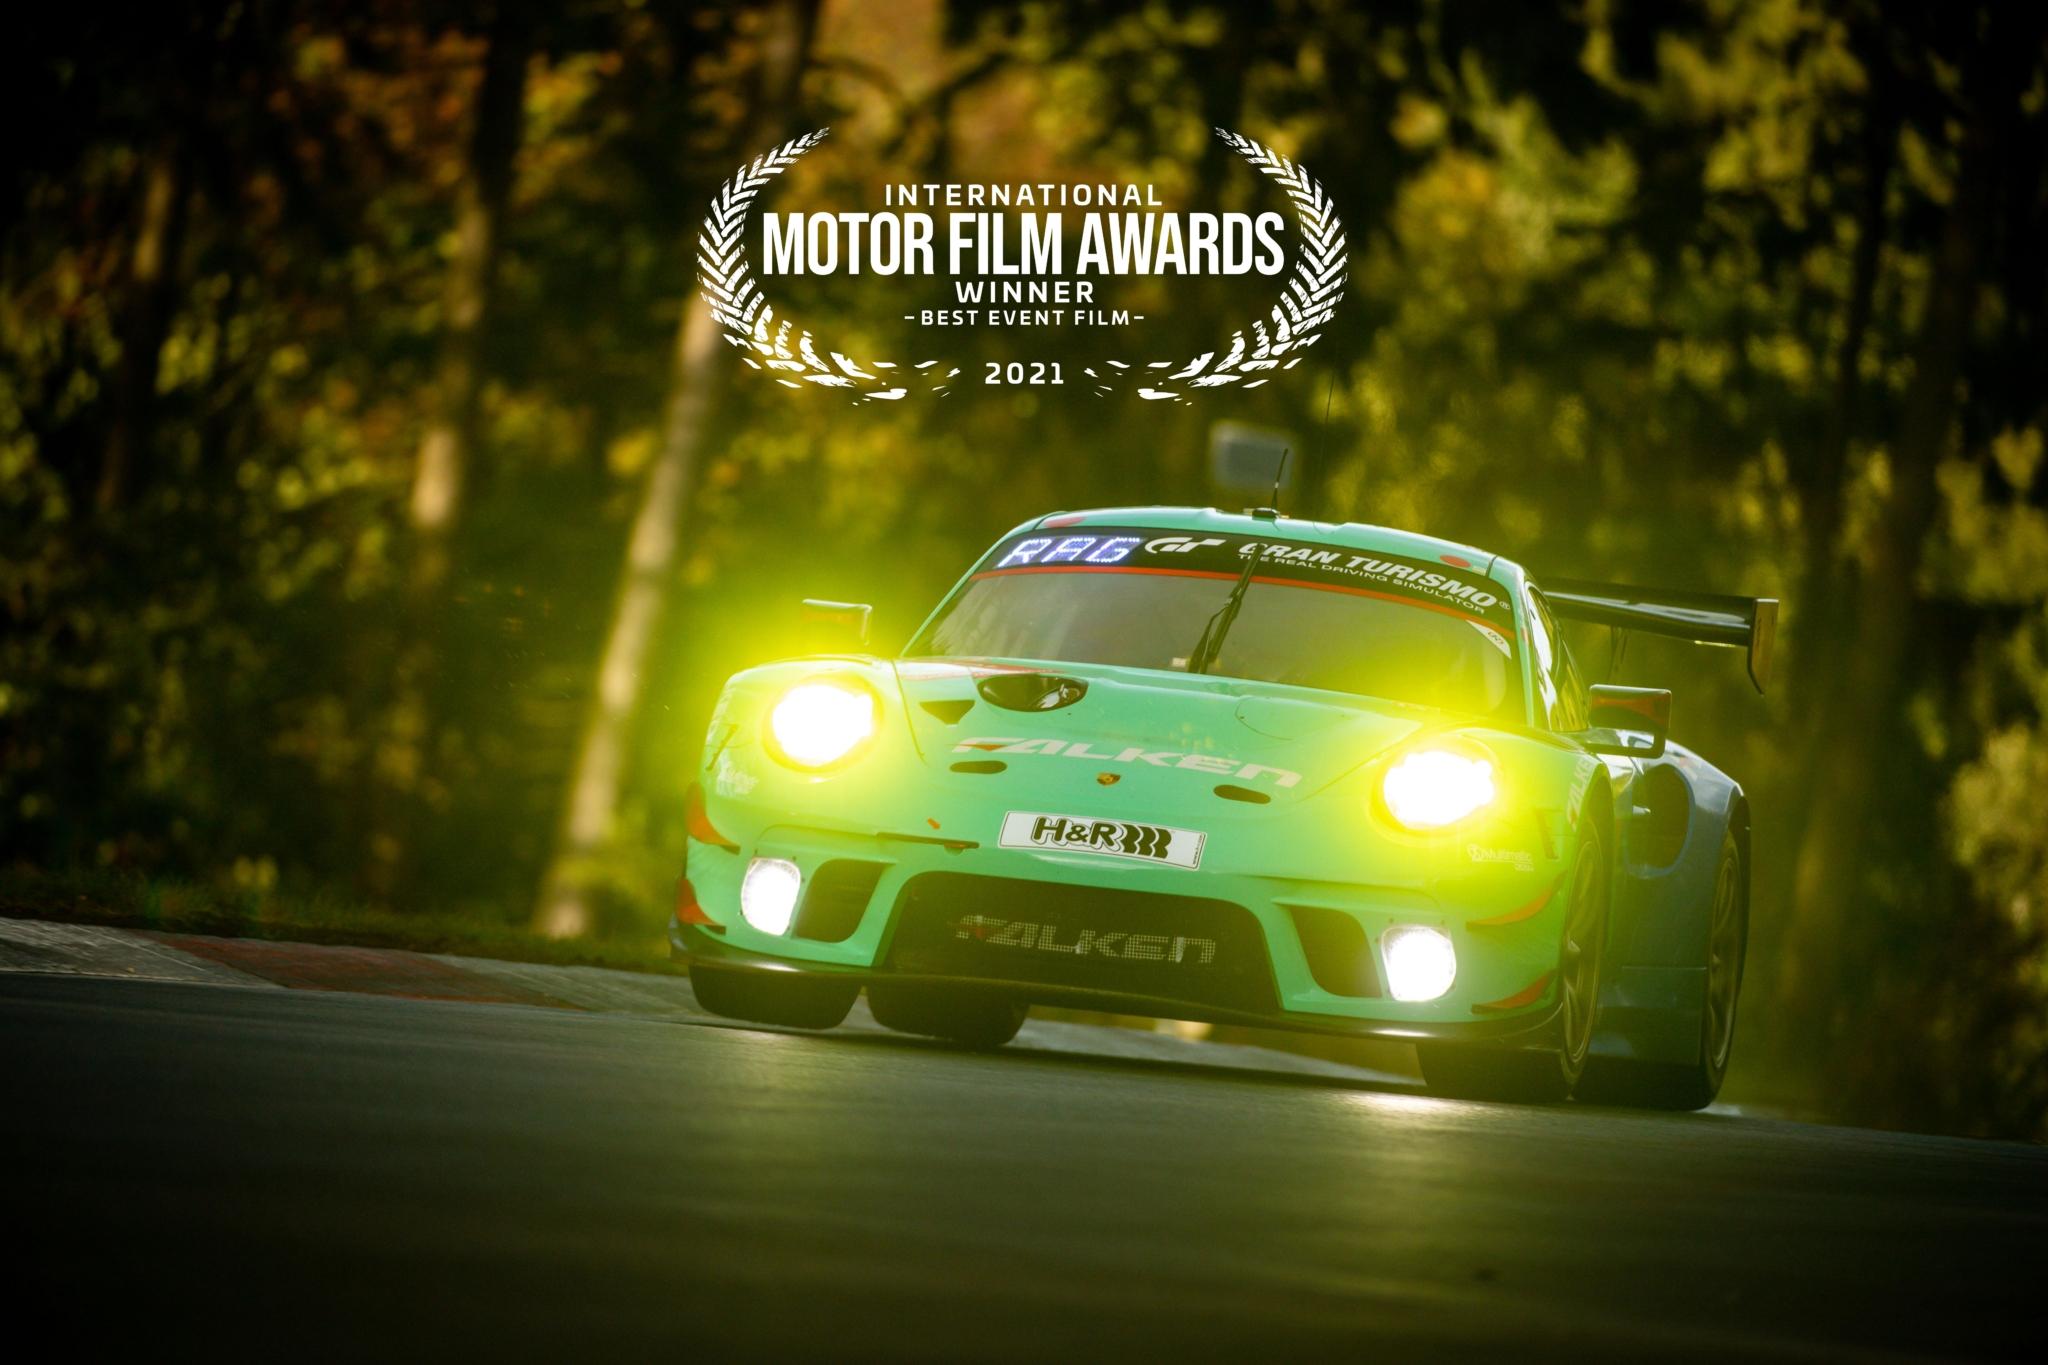 Falken wins Best Event Film at International Motor Film Awards